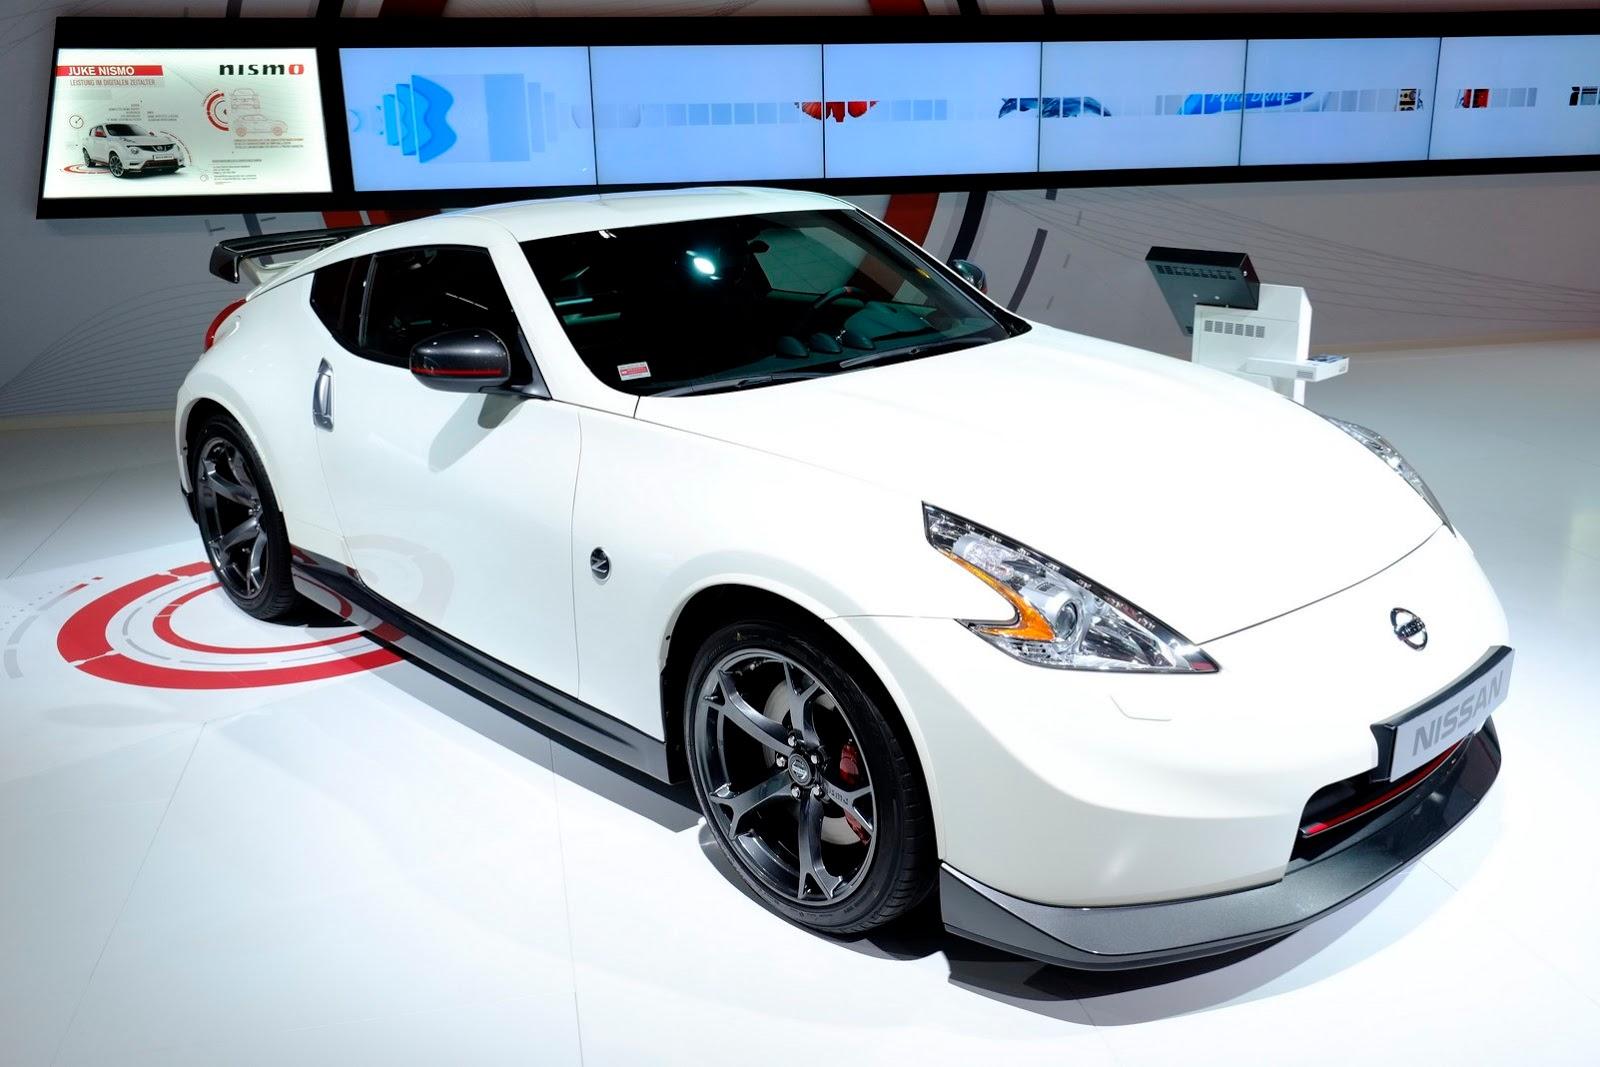 http://lh4.ggpht.com/-JiXubn5t0JM/UjBiBF4XggI/AAAAAAAOGKc/R6puF5gK4wo/s1600/Nissan-2%25255B2%25255D.jpg